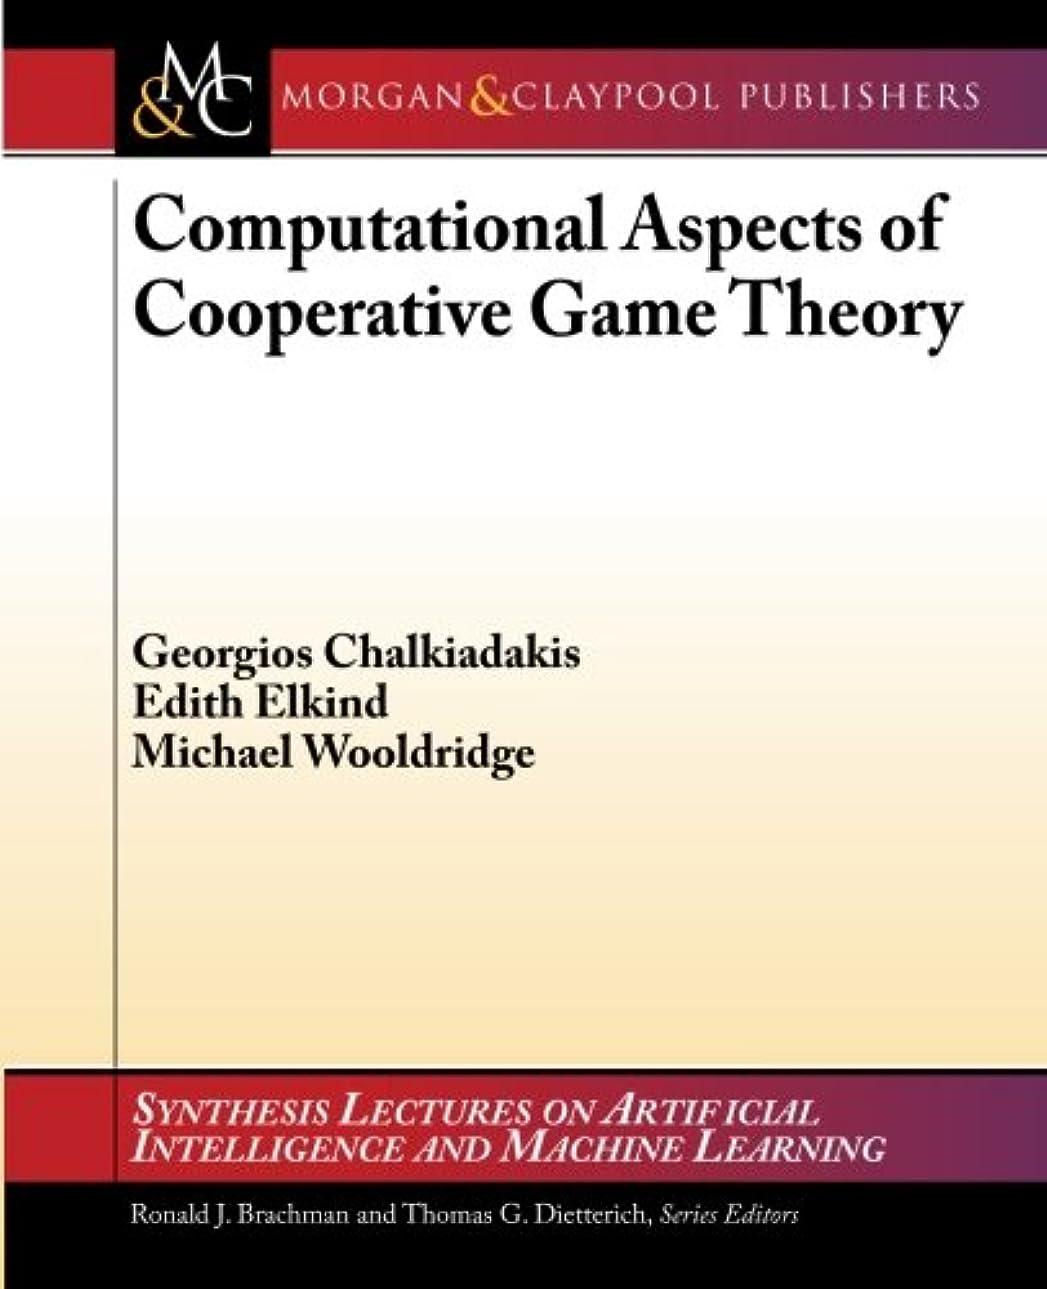 オリエンテーション樹木論争Computational Aspects of Cooperative Game Theory (Synthesis Lectures on Artificial Intelligence and Machine Le)